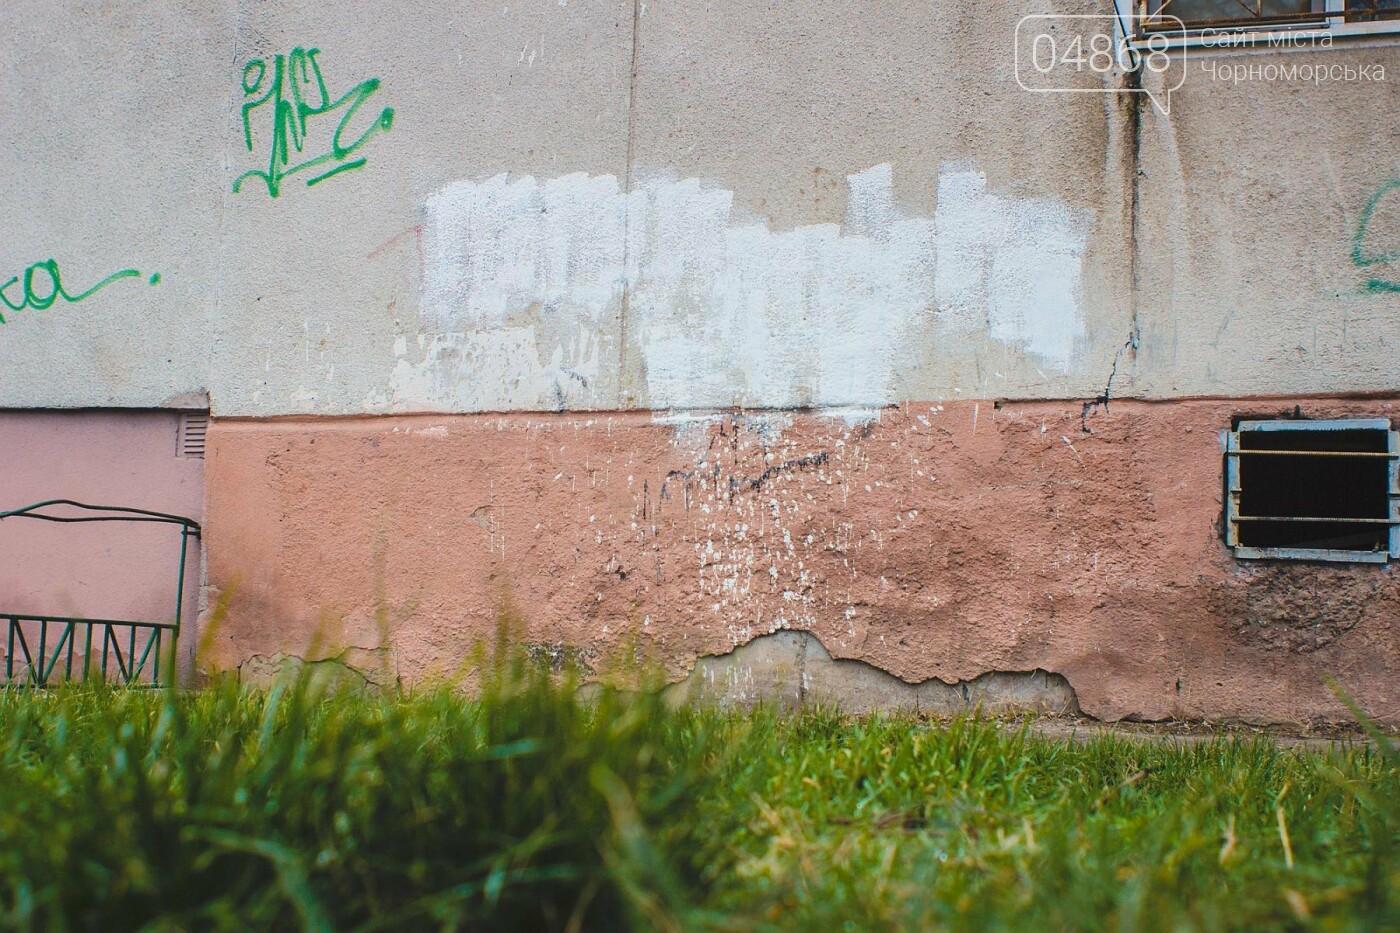 В Черноморске продолжается борьба с рекламой наркотических средств , фото-12